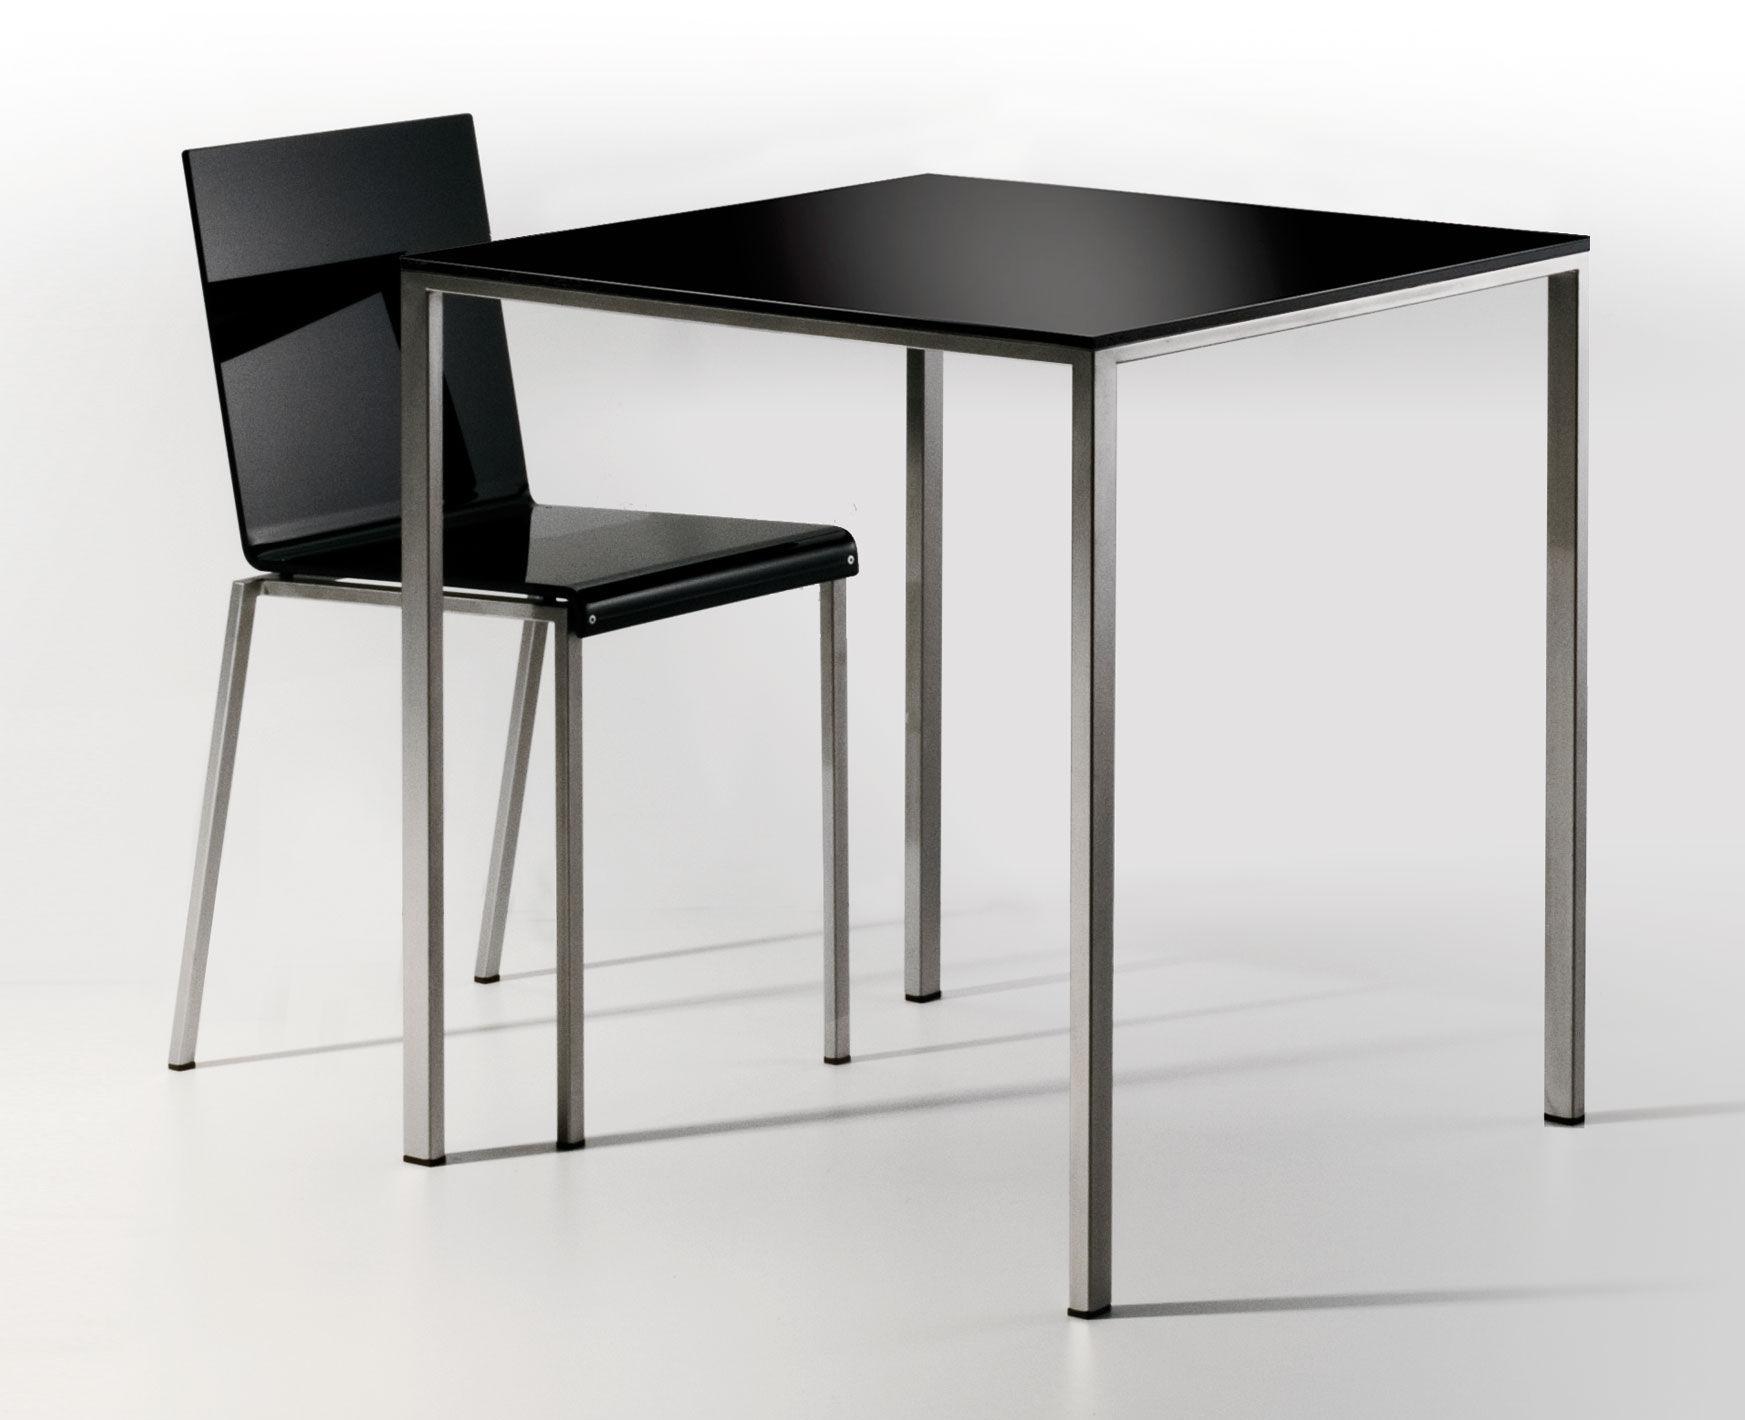 chaise bianca r sine mate pieds m tal noir mat pieds. Black Bedroom Furniture Sets. Home Design Ideas